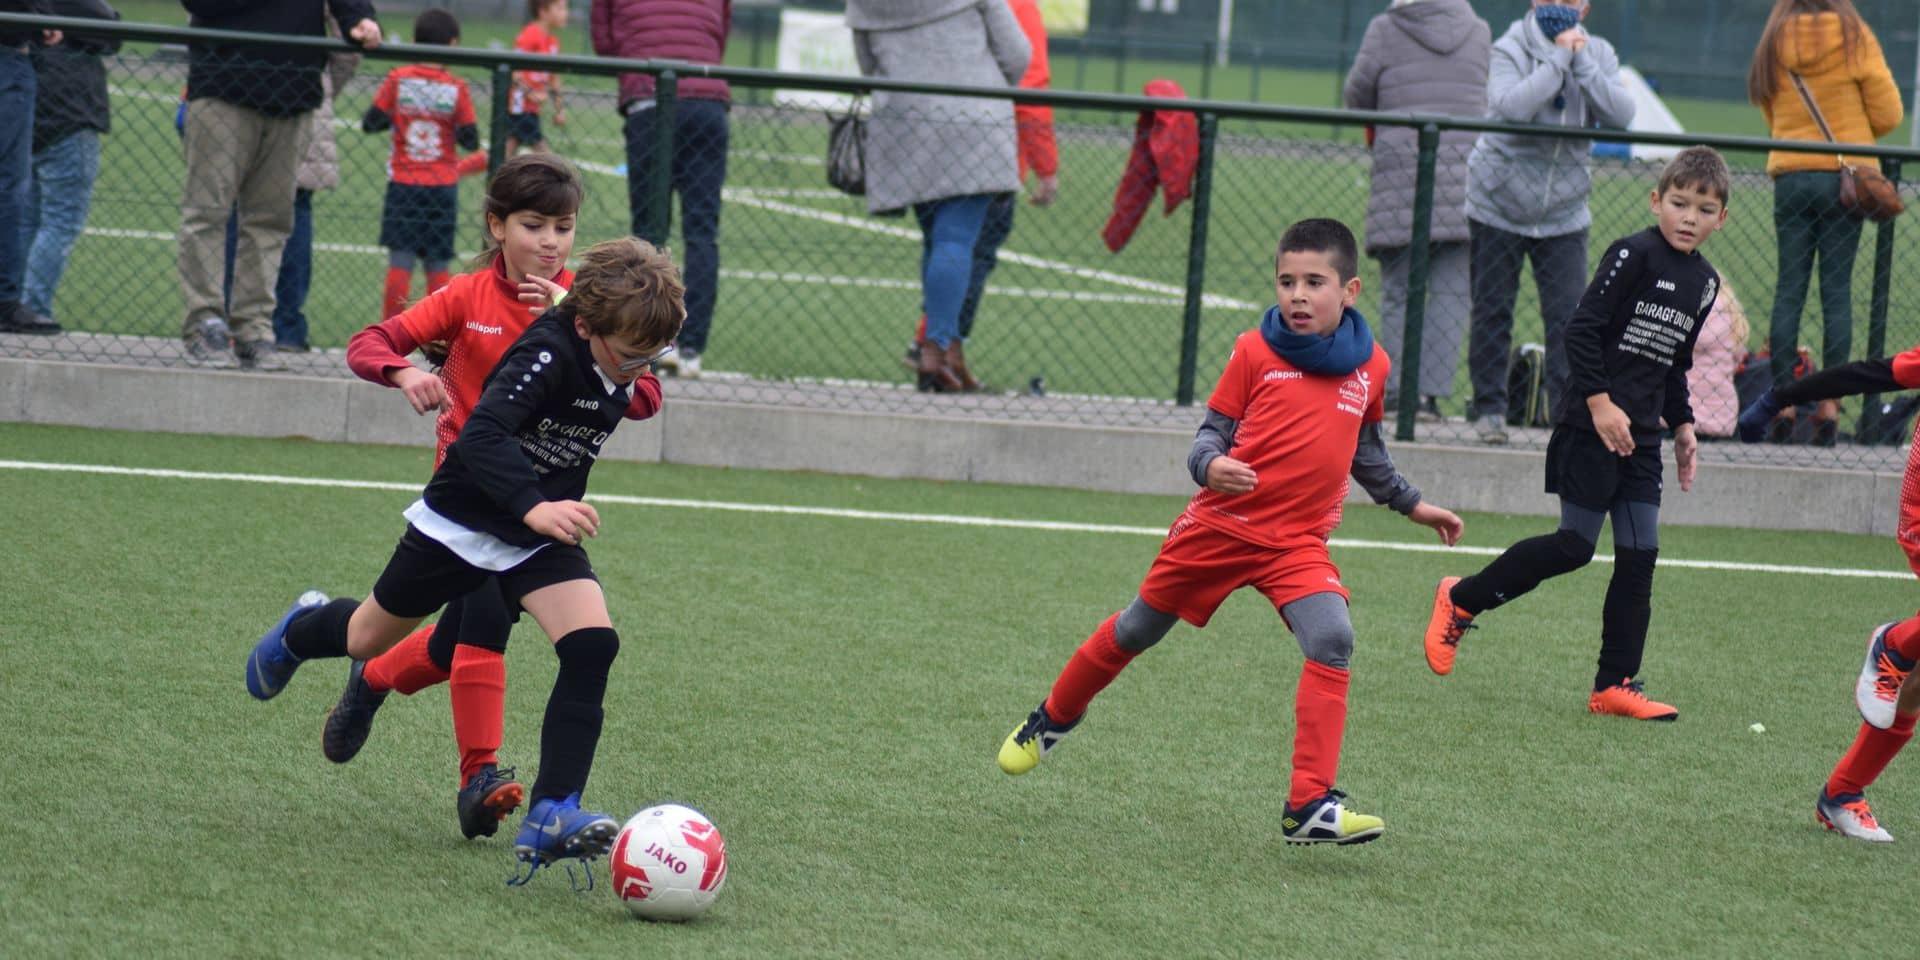 """Le football chez les jeunes n'était pas à l'arrêt: """"Le football, une bulle d'oxygène pour nos enfants"""""""